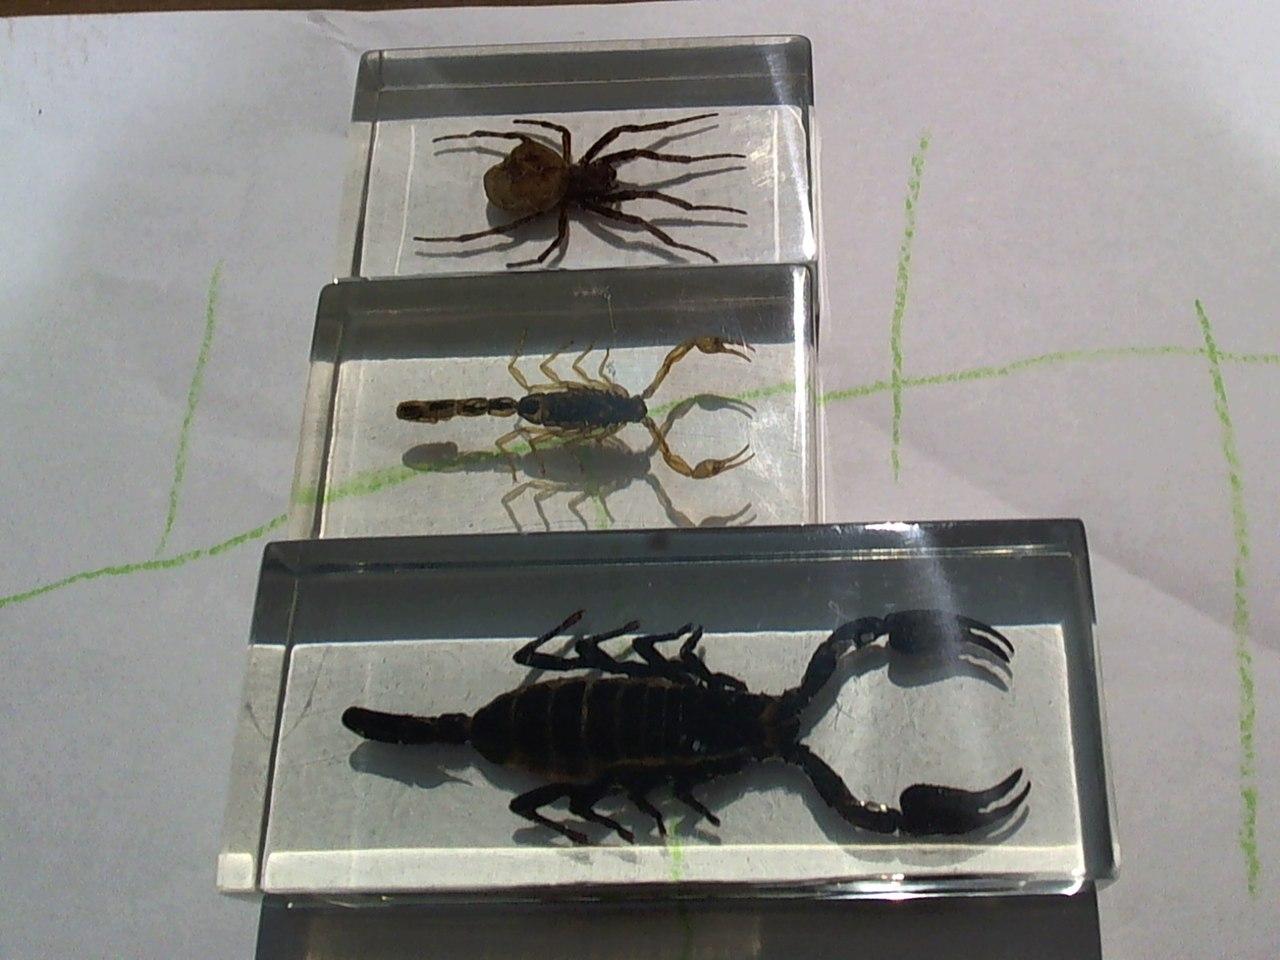 насекомые и их знакомые heterometrus sp